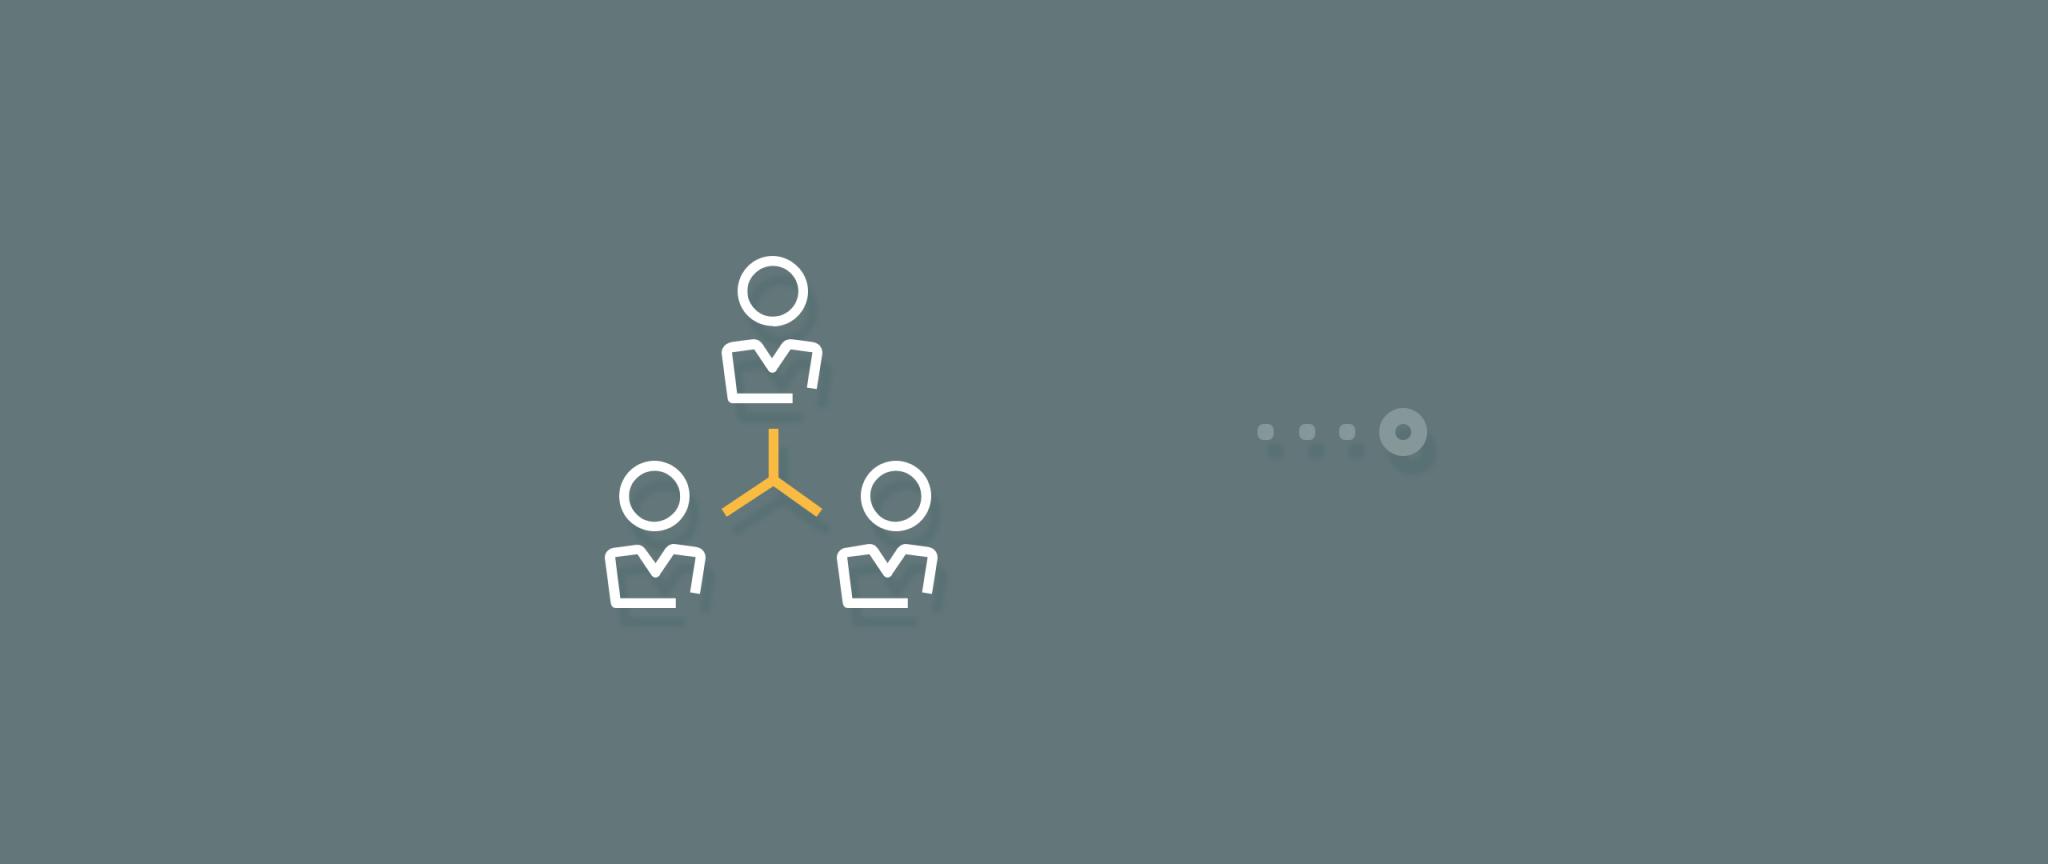 Como fazer uma gestão eficiente de equipes externas?